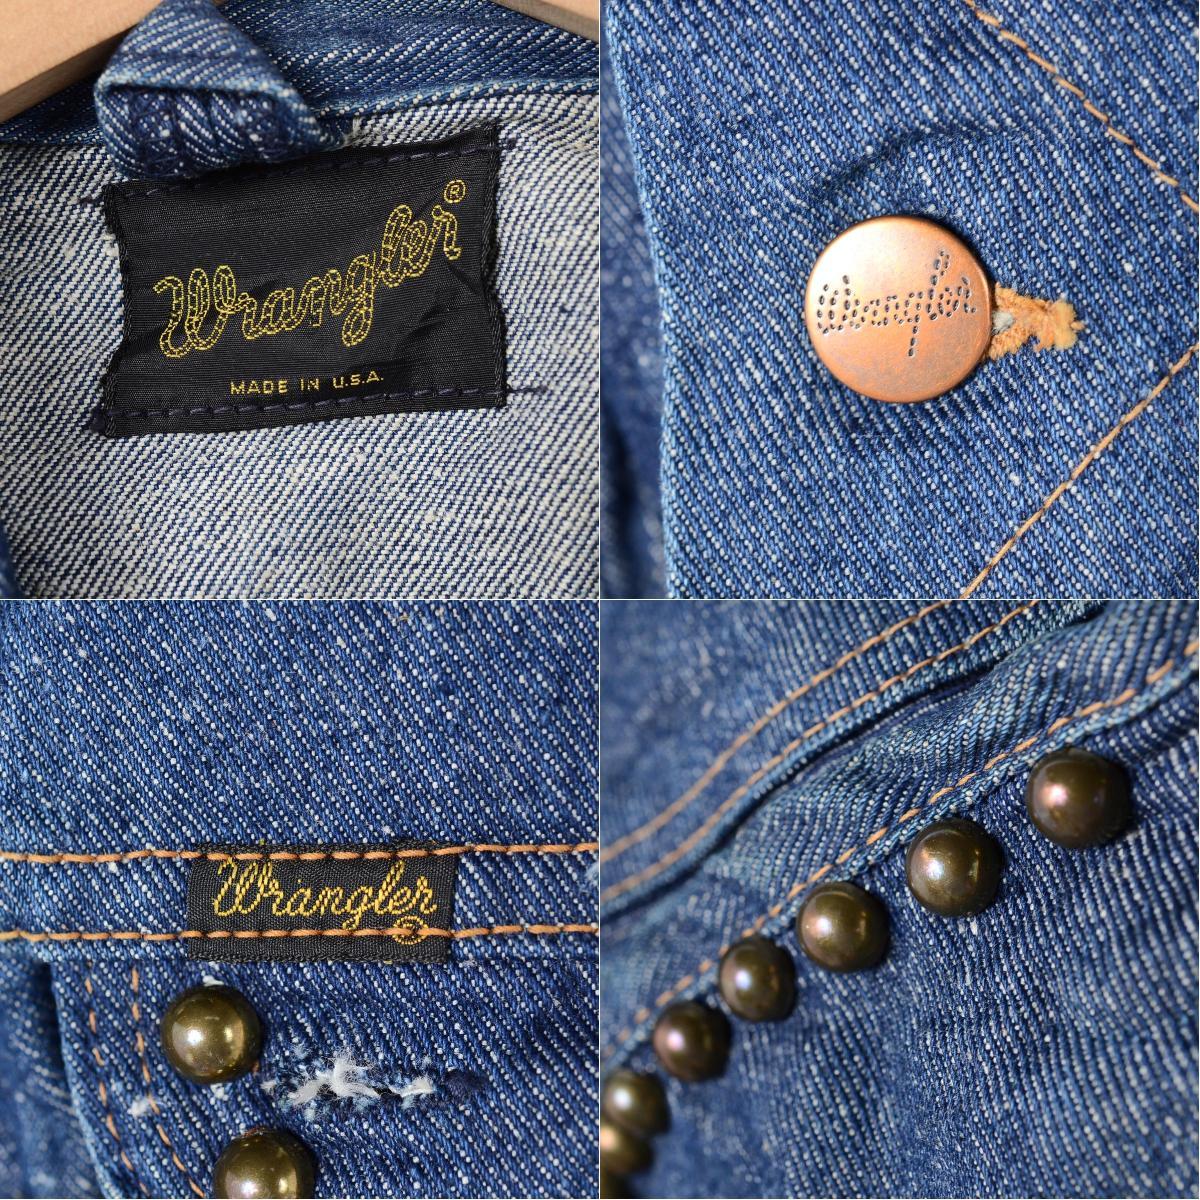 有70年代初期兰格勒服装USA制造钉的粗斜纹布茄克G约翰人S复古Wrangler/weg3660 150504